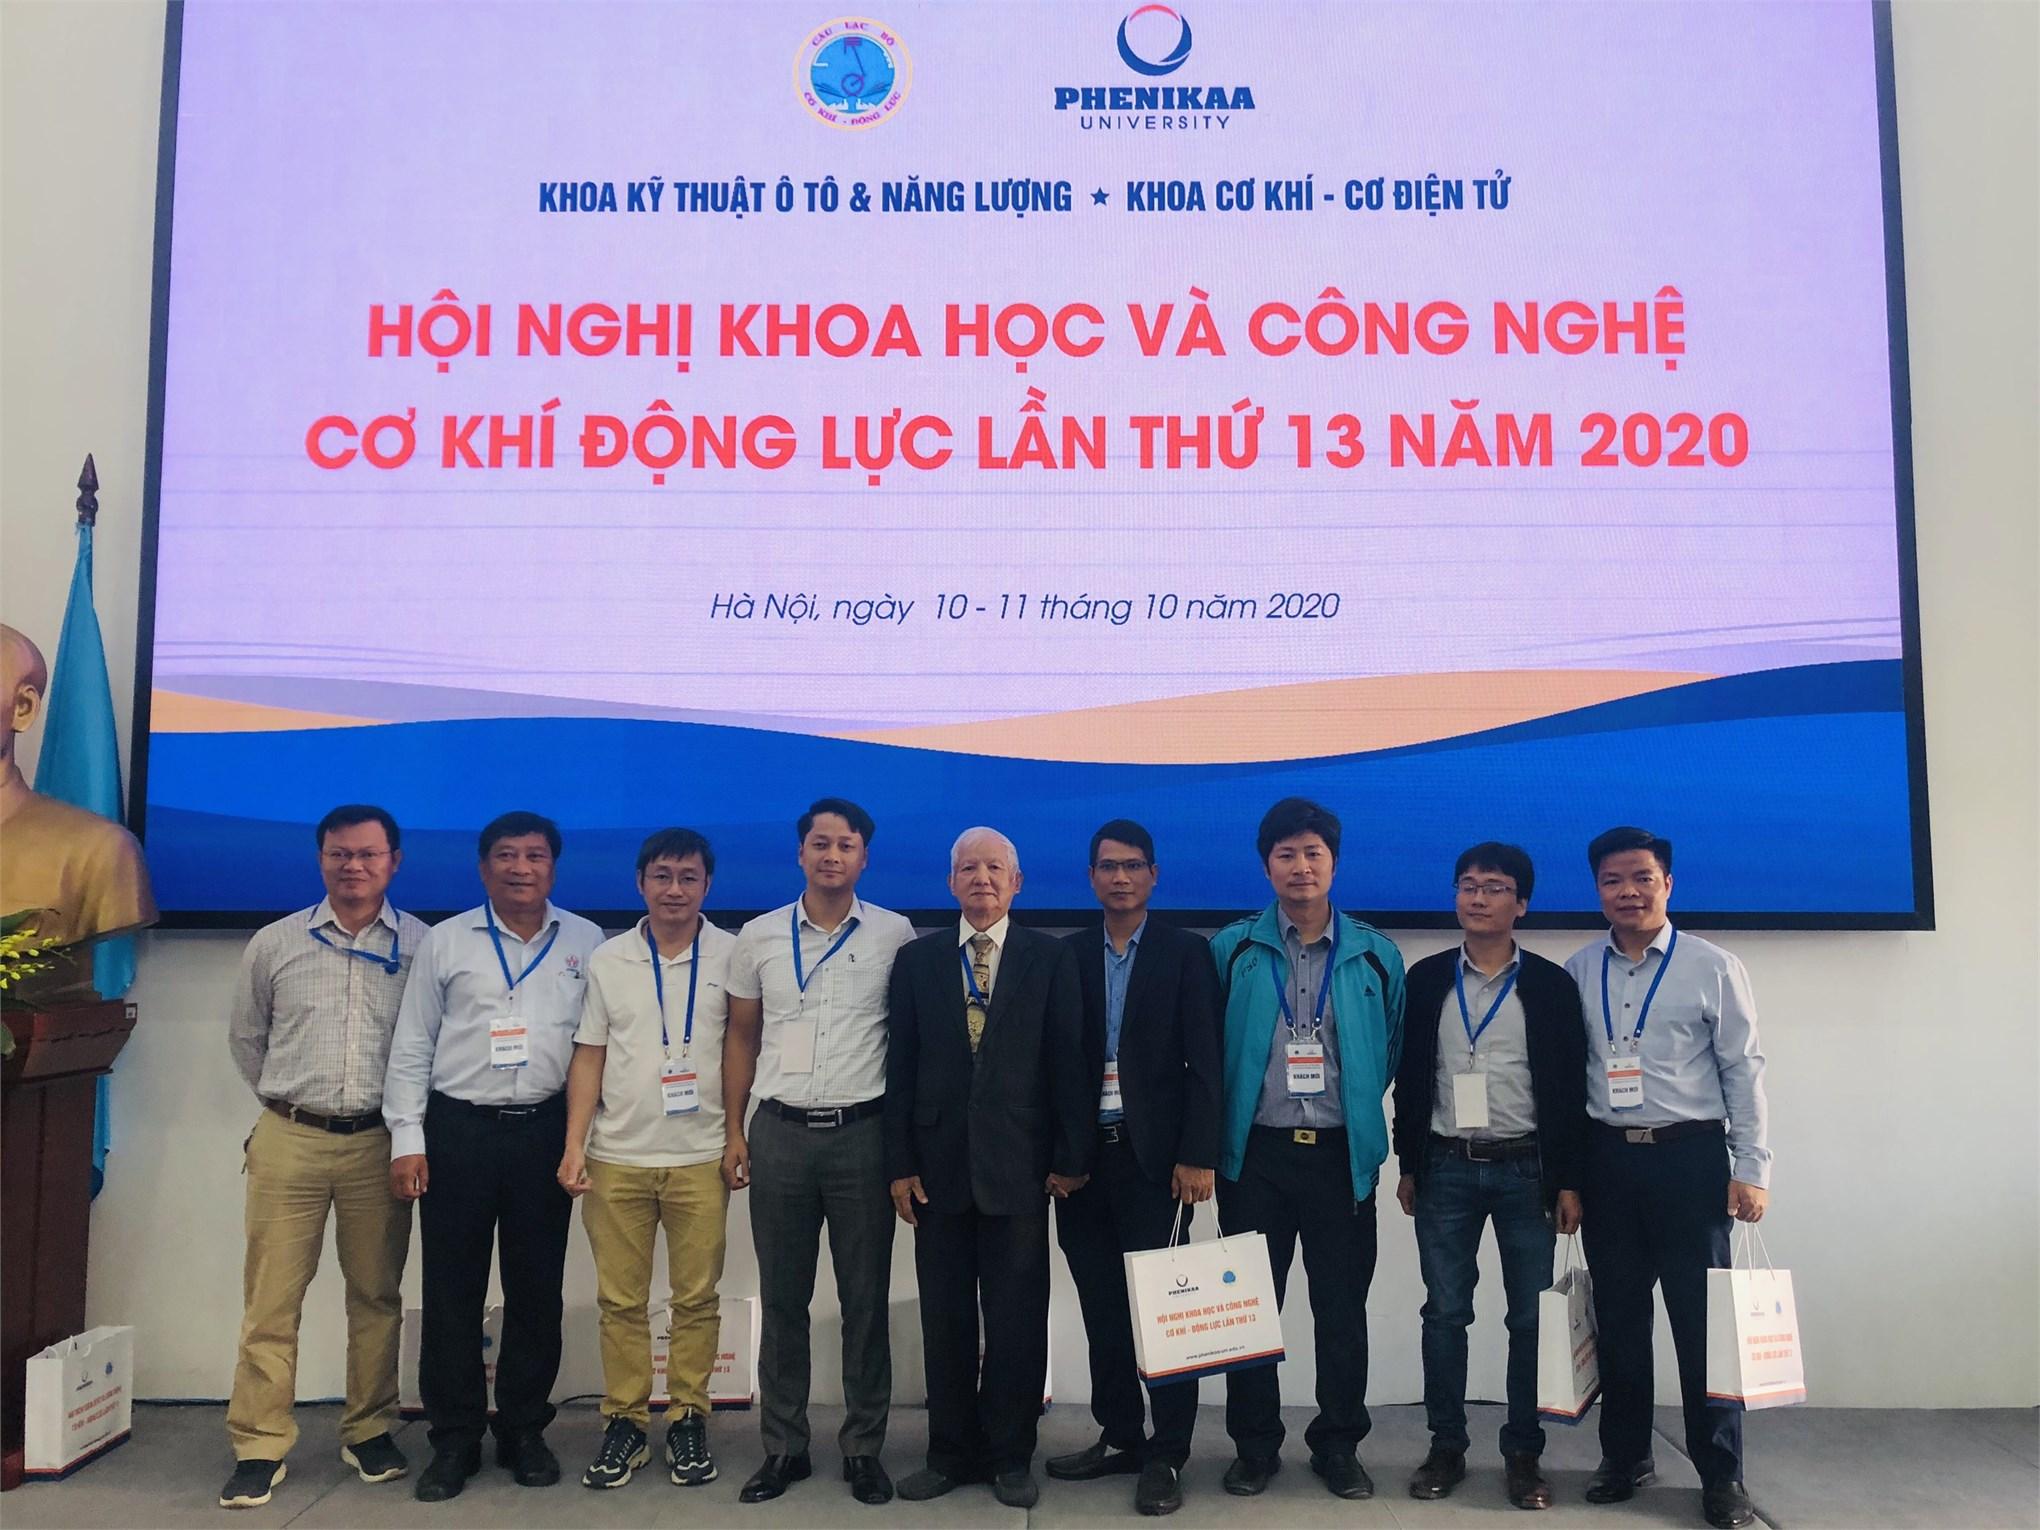 Hội nghị khoa học cơ khí động lực năm 2020 – Ngày hội của các nhà khoa học